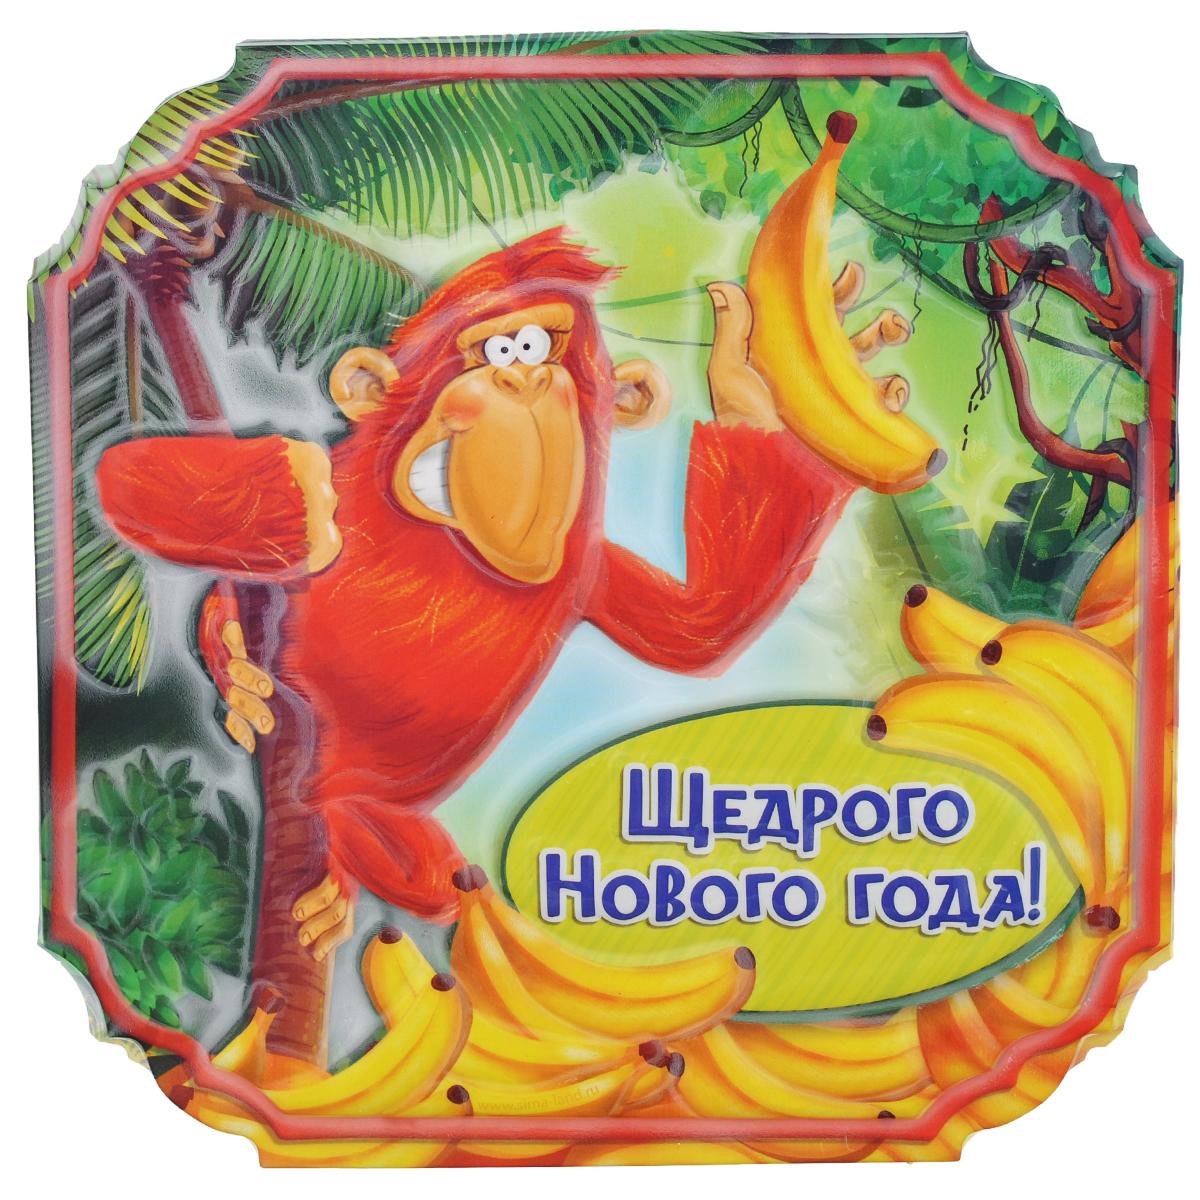 Декоративное настенное украшение Sima-land Панно. Щедрого Нового года!, 24,5 см х 24,5 см свеча ароматизированная sima land лимон на подставке высота 6 см